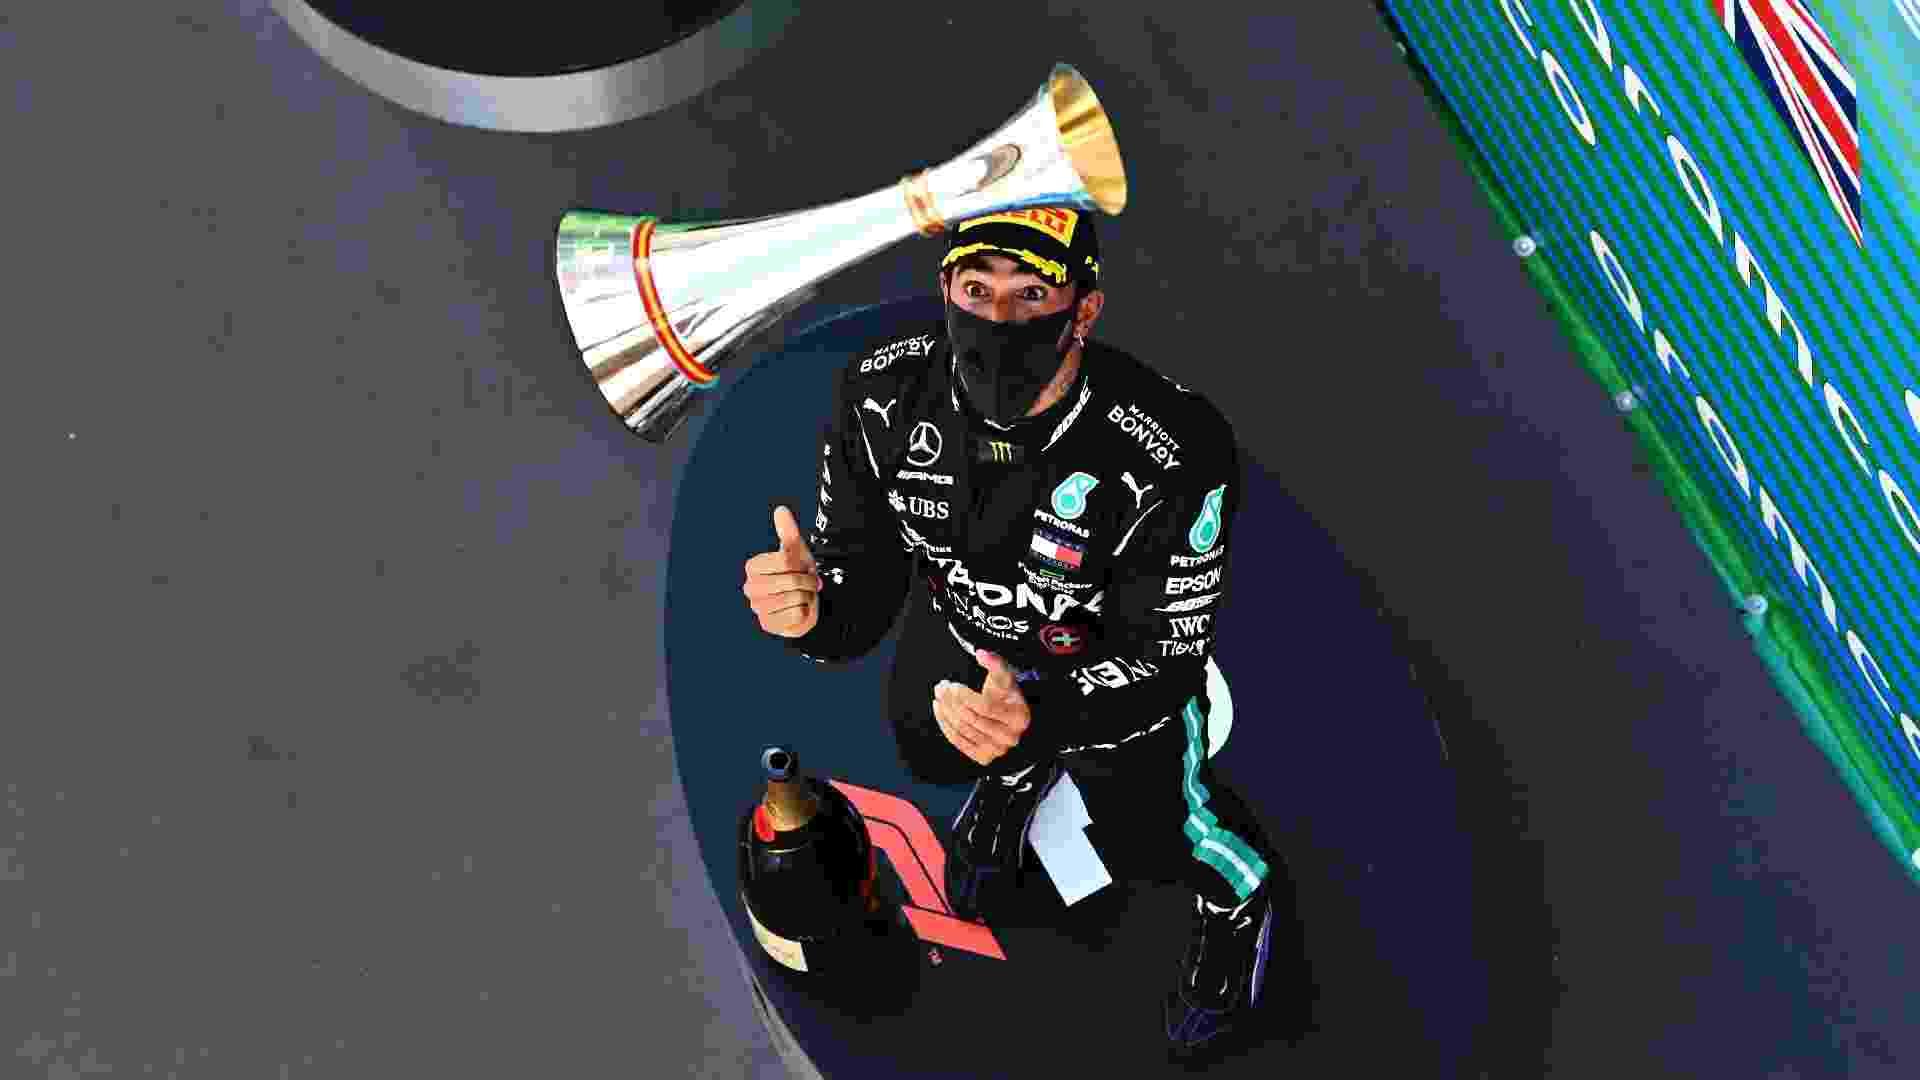 Lewis Hamilton comemora vitória no Grande Prêmio da Espanha - Clive Mason - Formula 1/Formula 1 via Getty Images